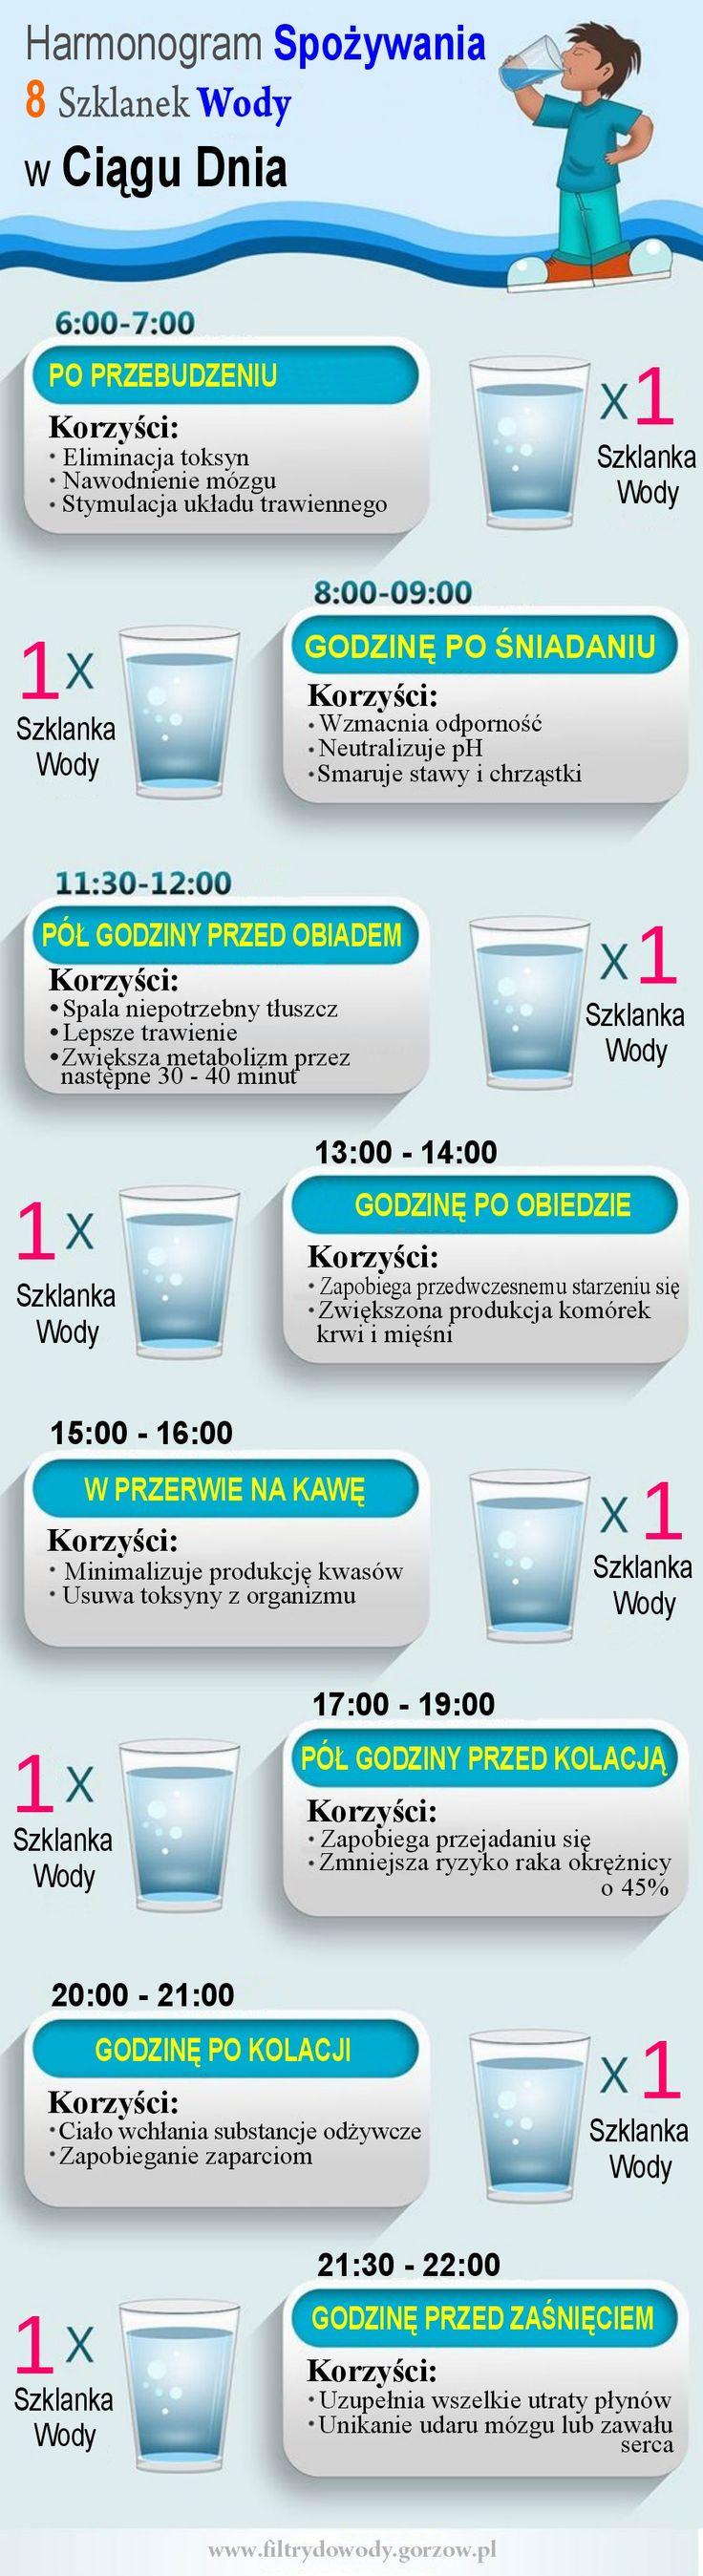 Harmonogram spożywania 8 szklanek wody w ciągu dnia